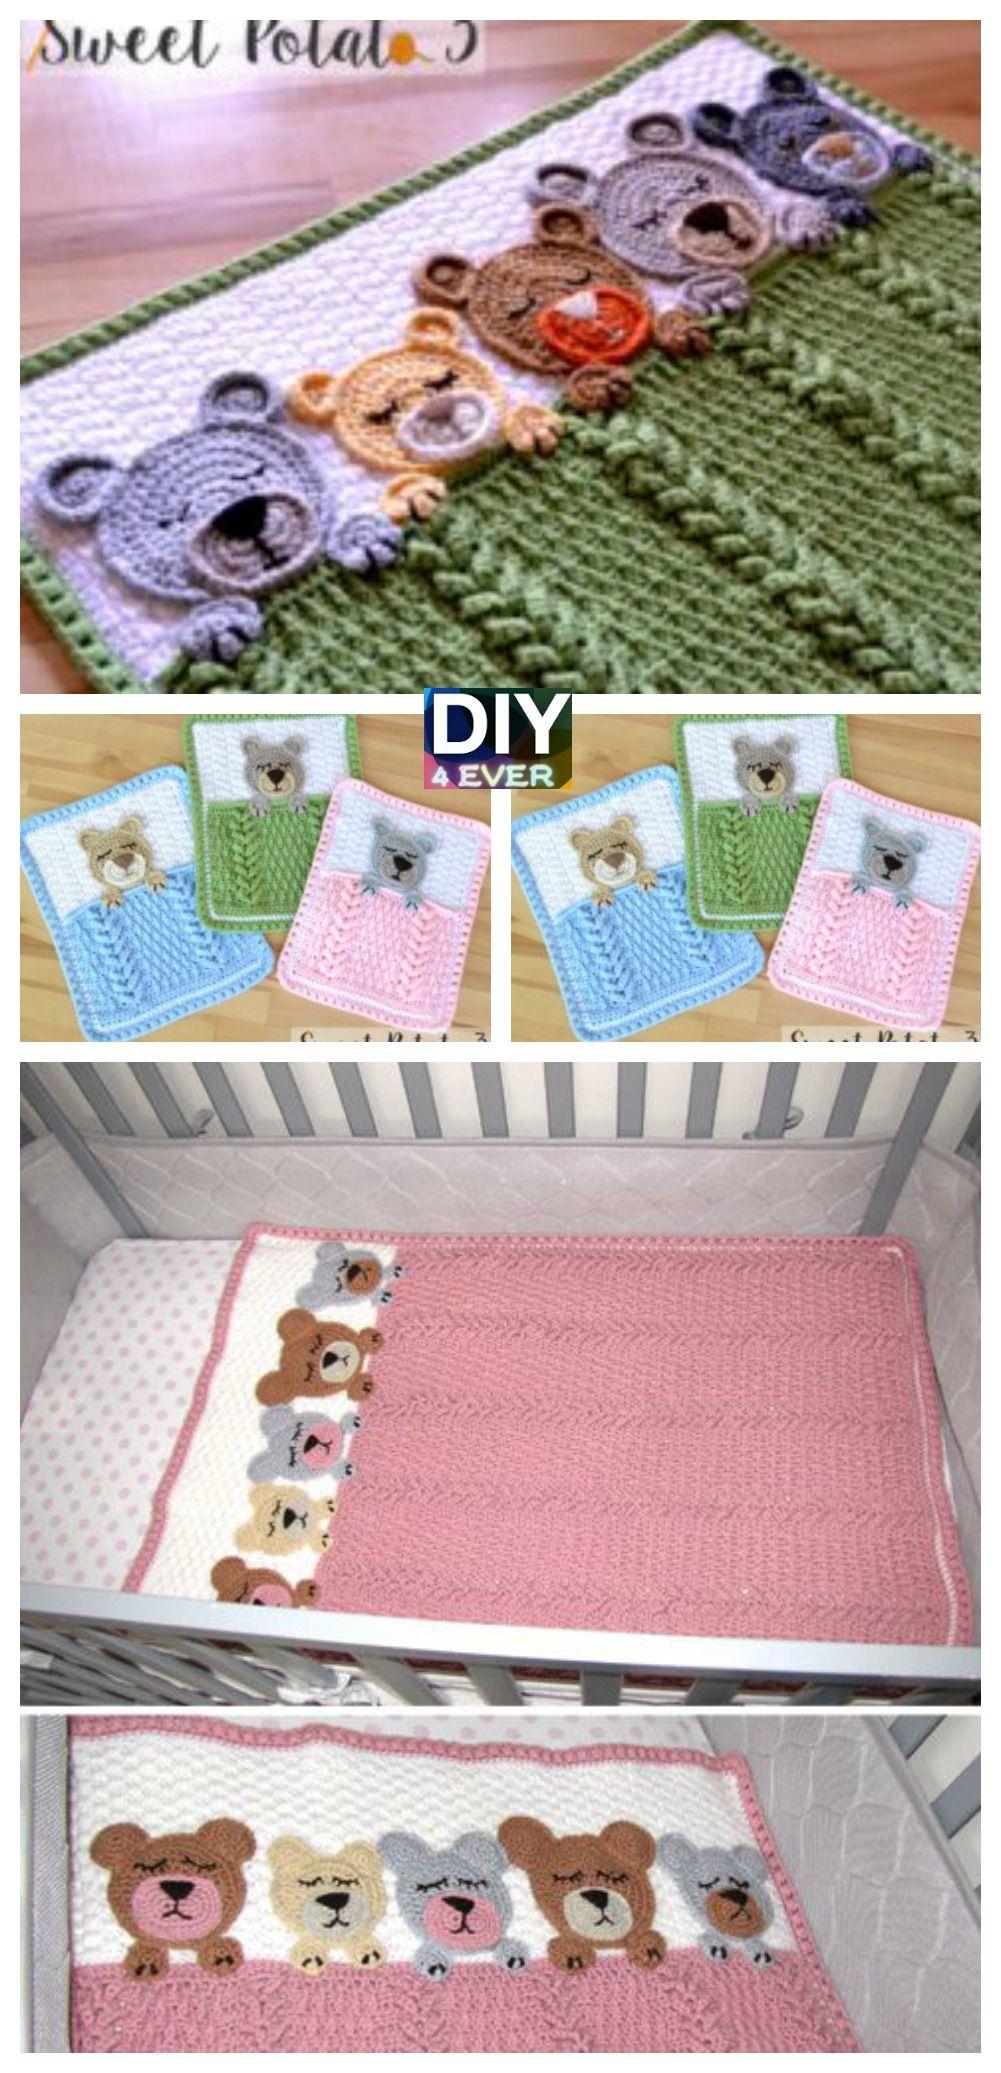 34 Crochet Teddy Bear Patterns | Guide Patterns | 2073x1001